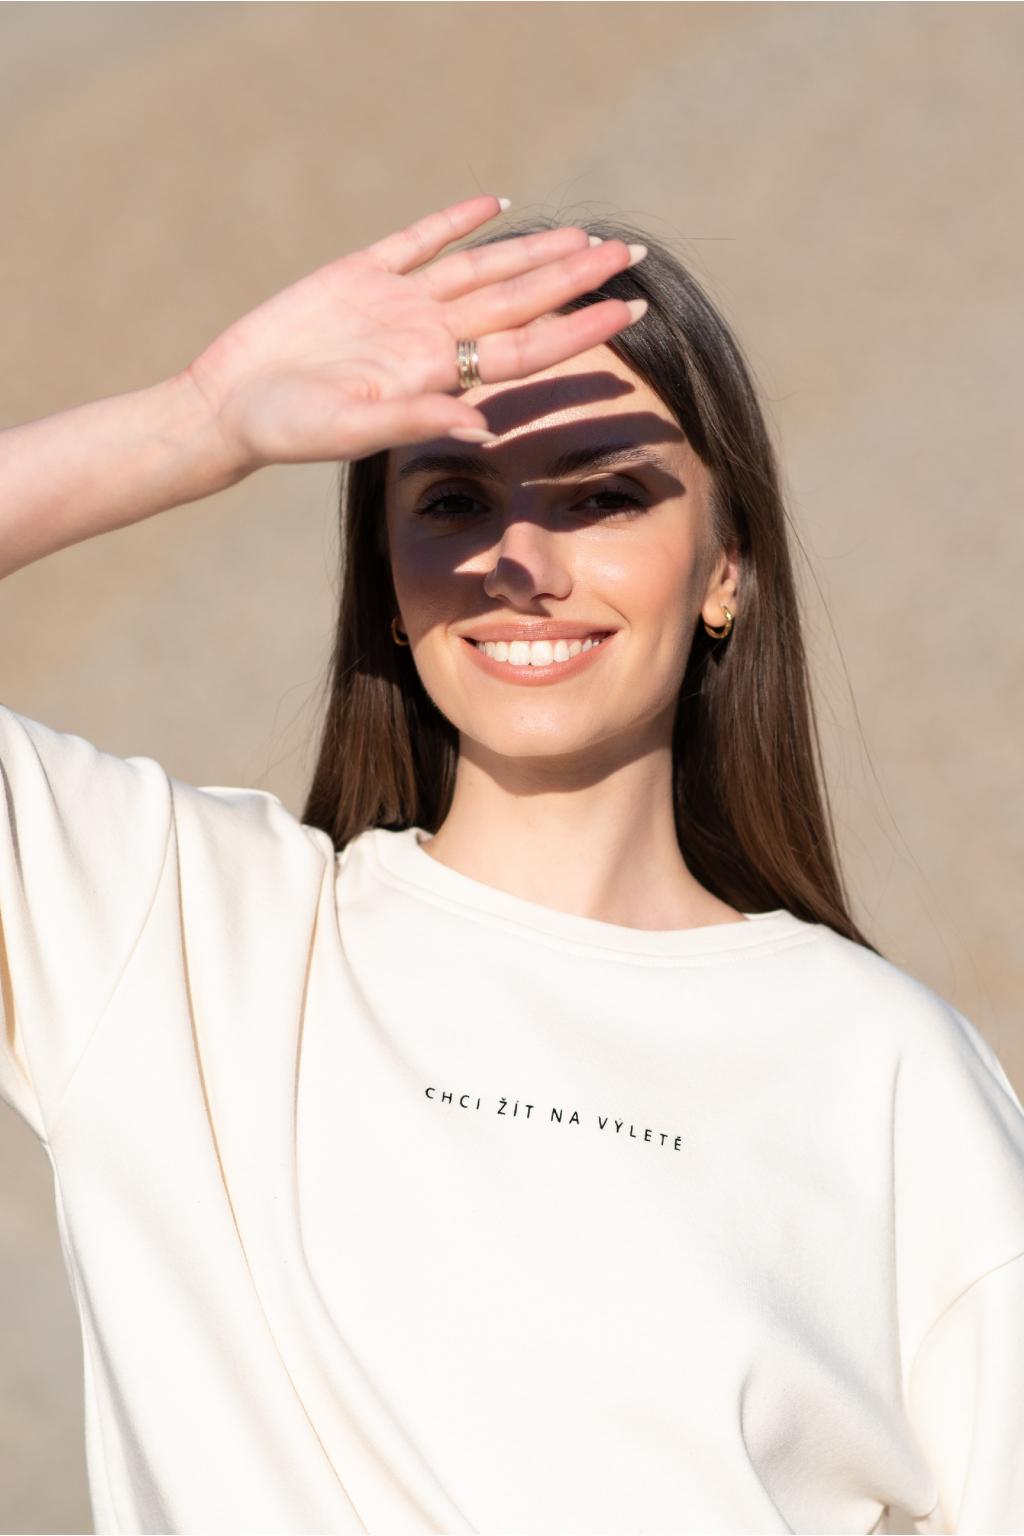 KOUSEK tričko biobavlna vrstevnice Chci žít na výletě